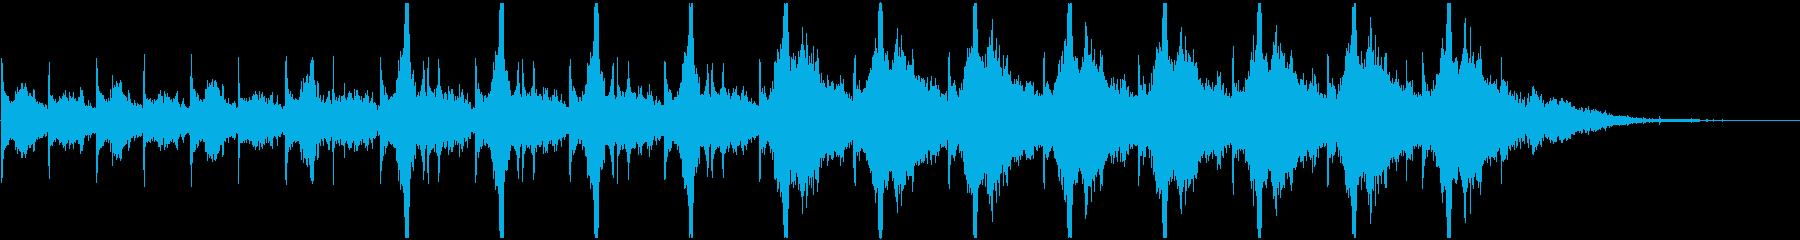 不気味な時計音(秒針リズム)の再生済みの波形